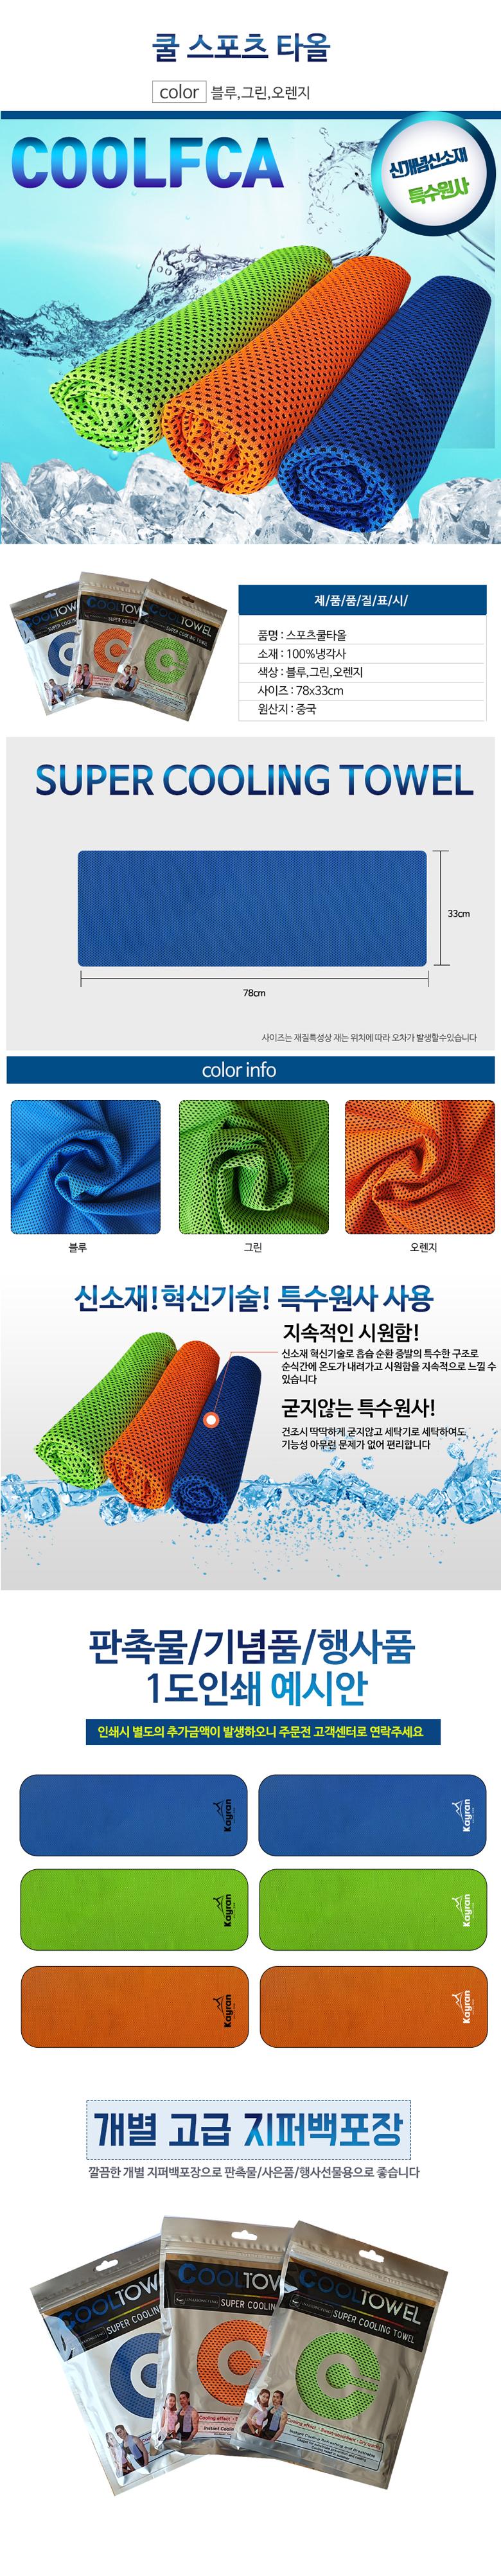 cool_towel_780.jpg